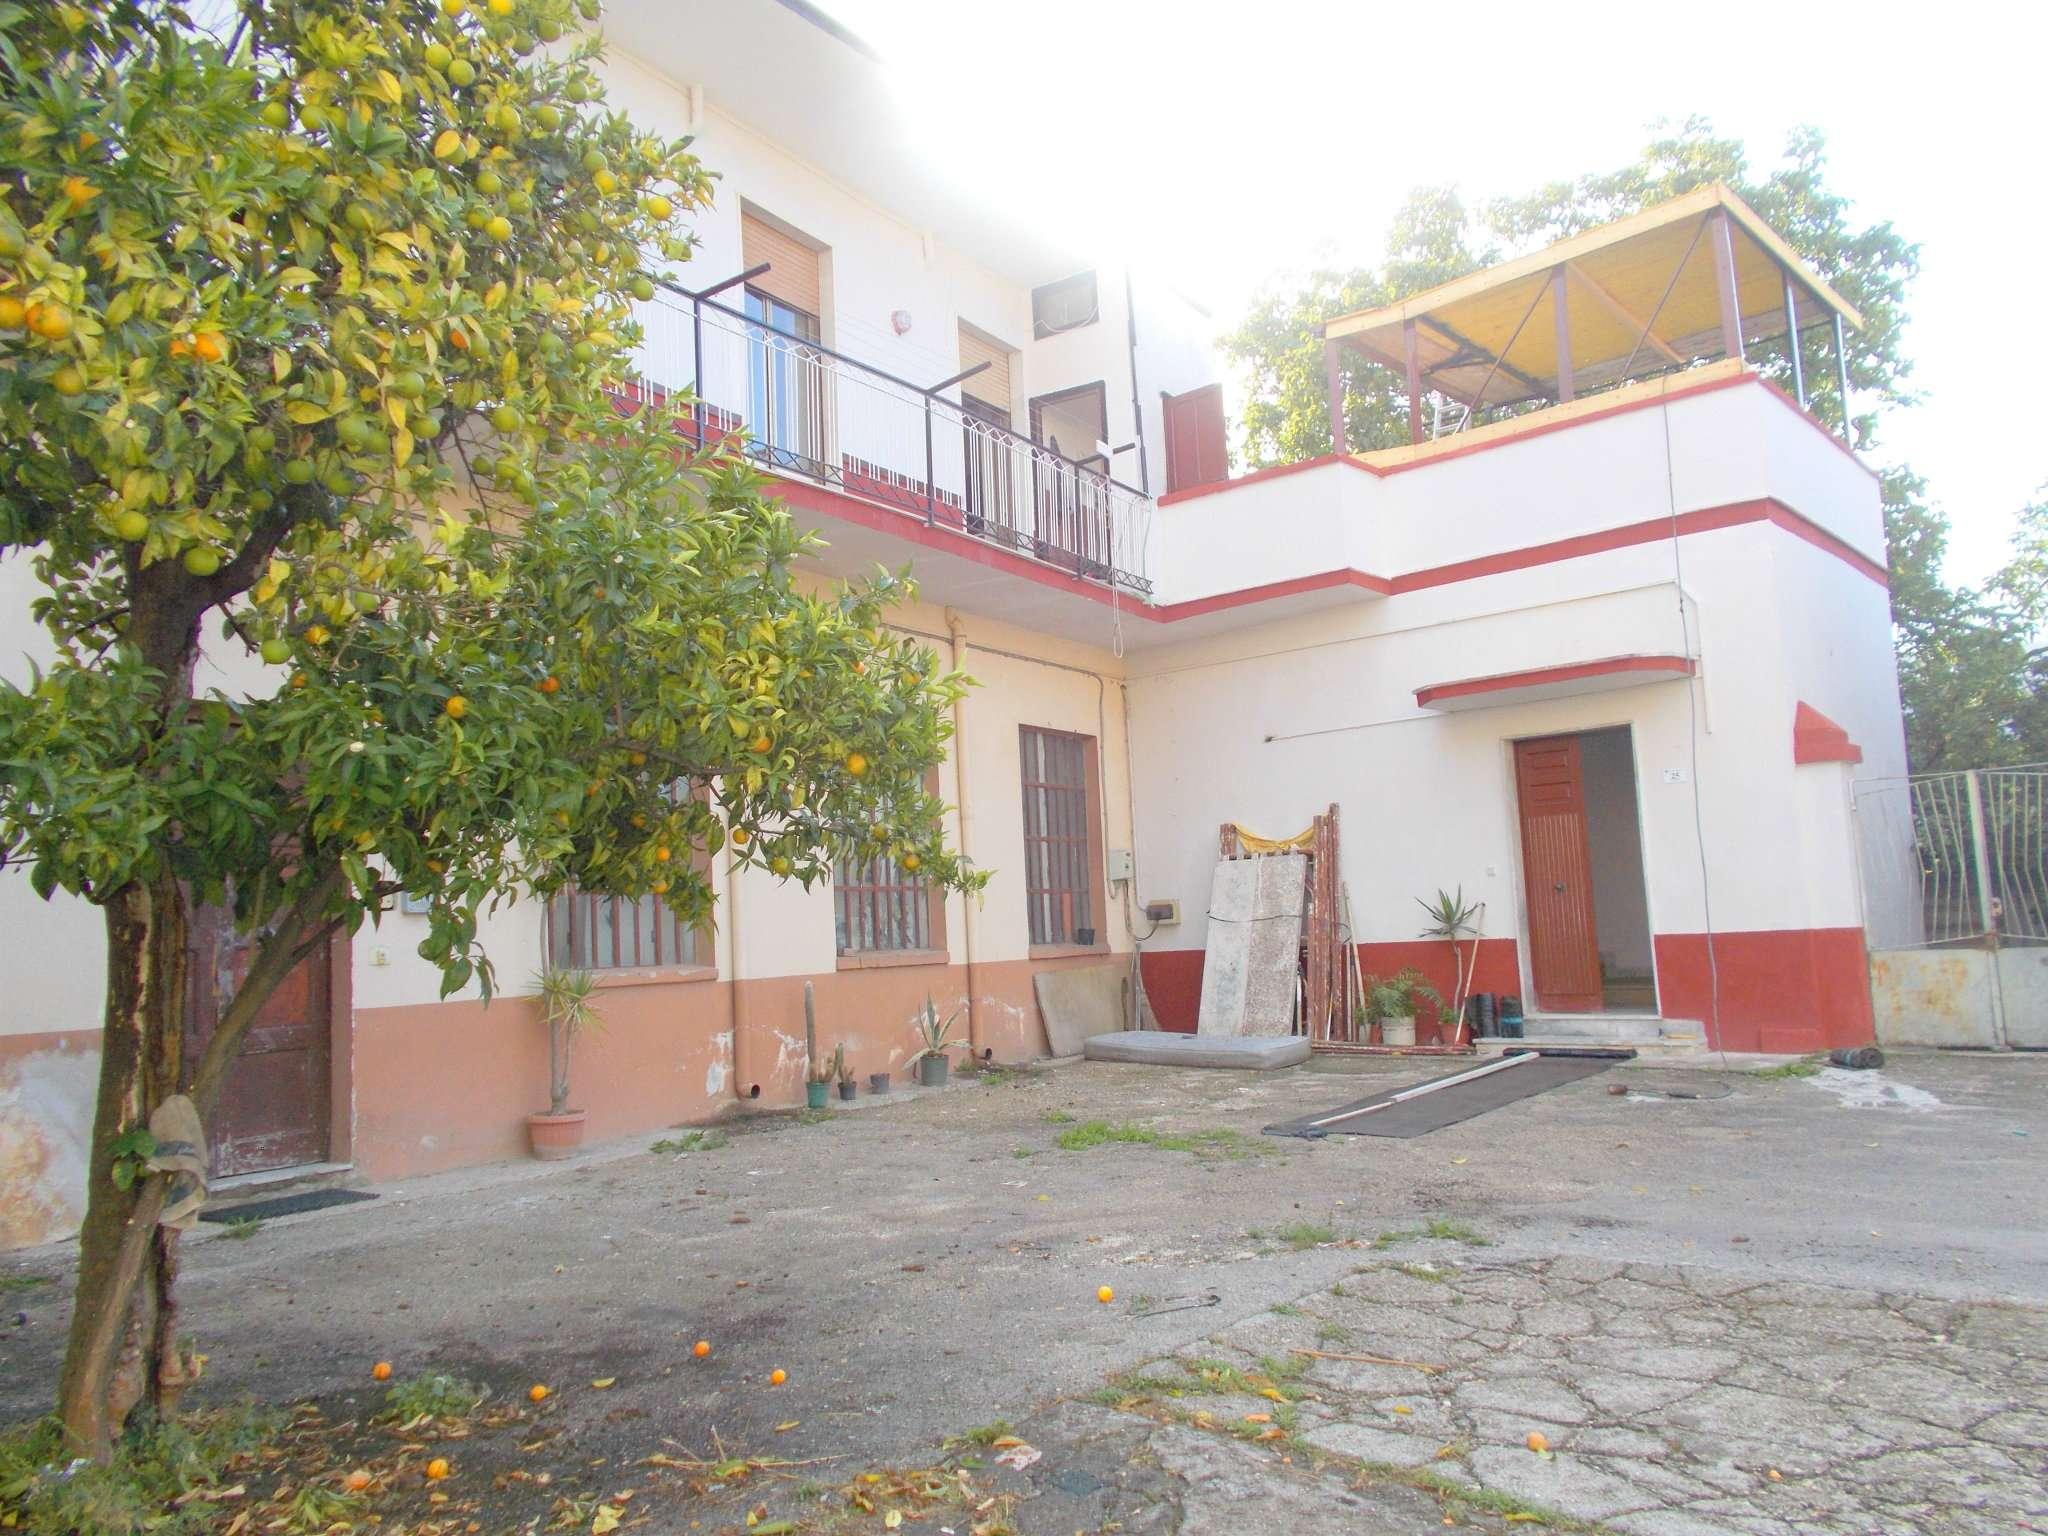 Appartamento in vendita a Santa Maria a Vico, 9999 locali, prezzo € 35.000 | CambioCasa.it